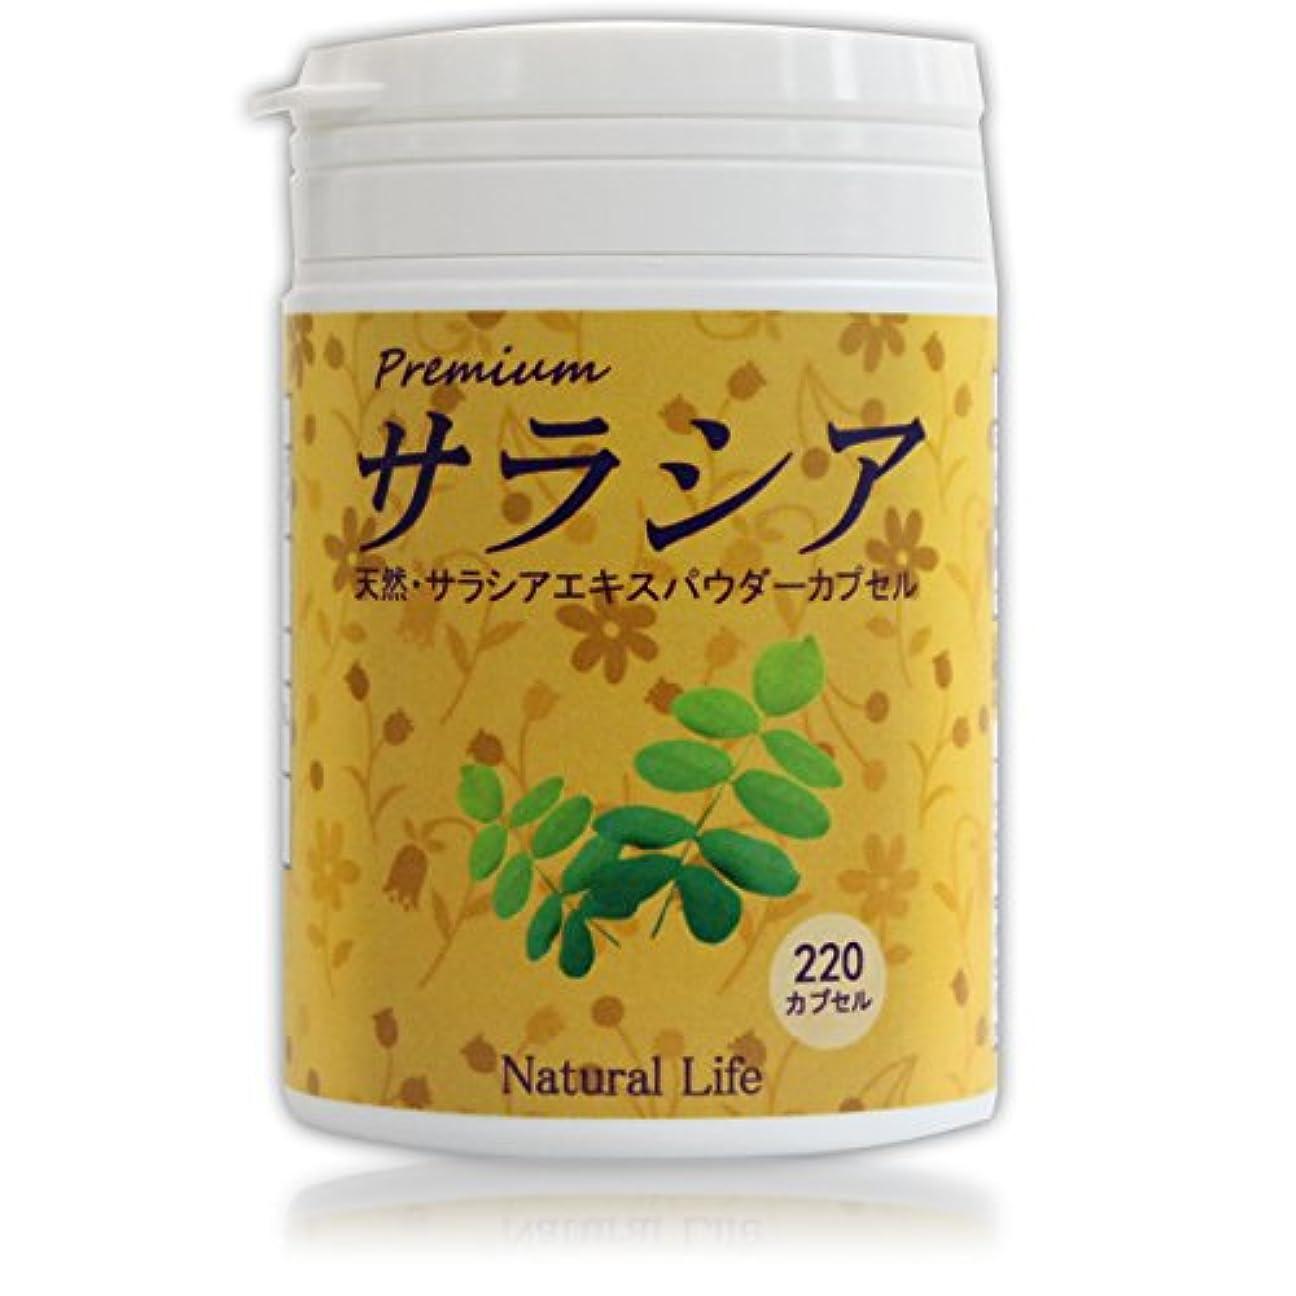 説得日付スケジュールサラシアカプセル[220粒]天然ピュア原料(無添加) 健康食品(サラシア,さらしあ)